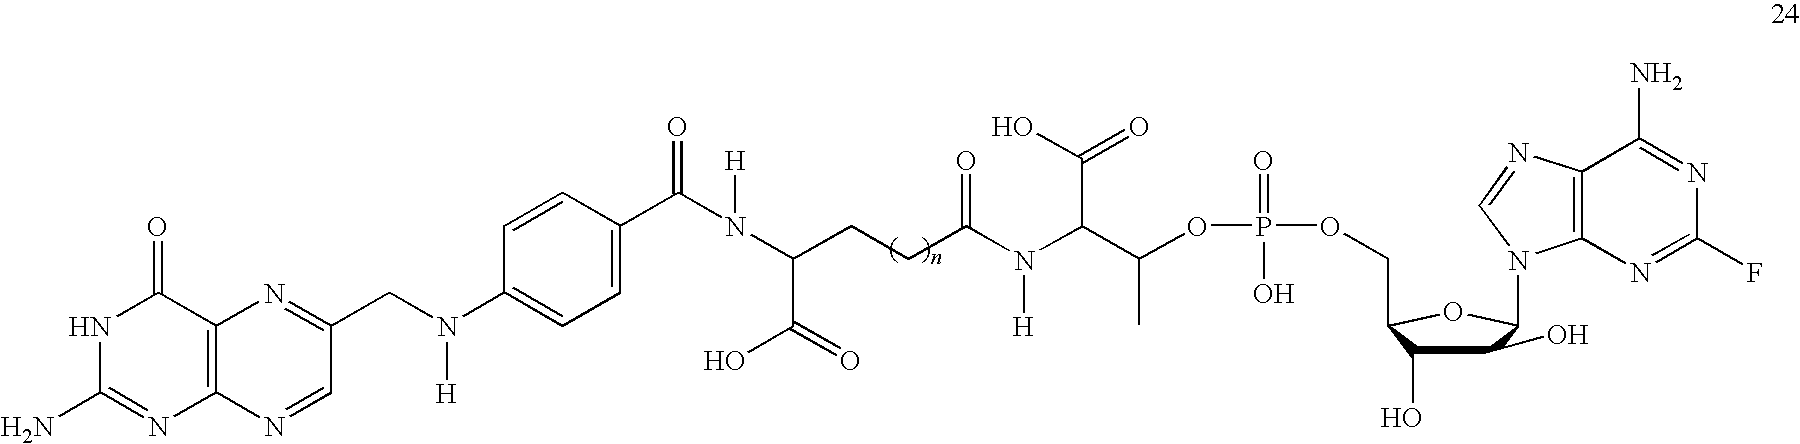 Figure US07964578-20110621-C00026